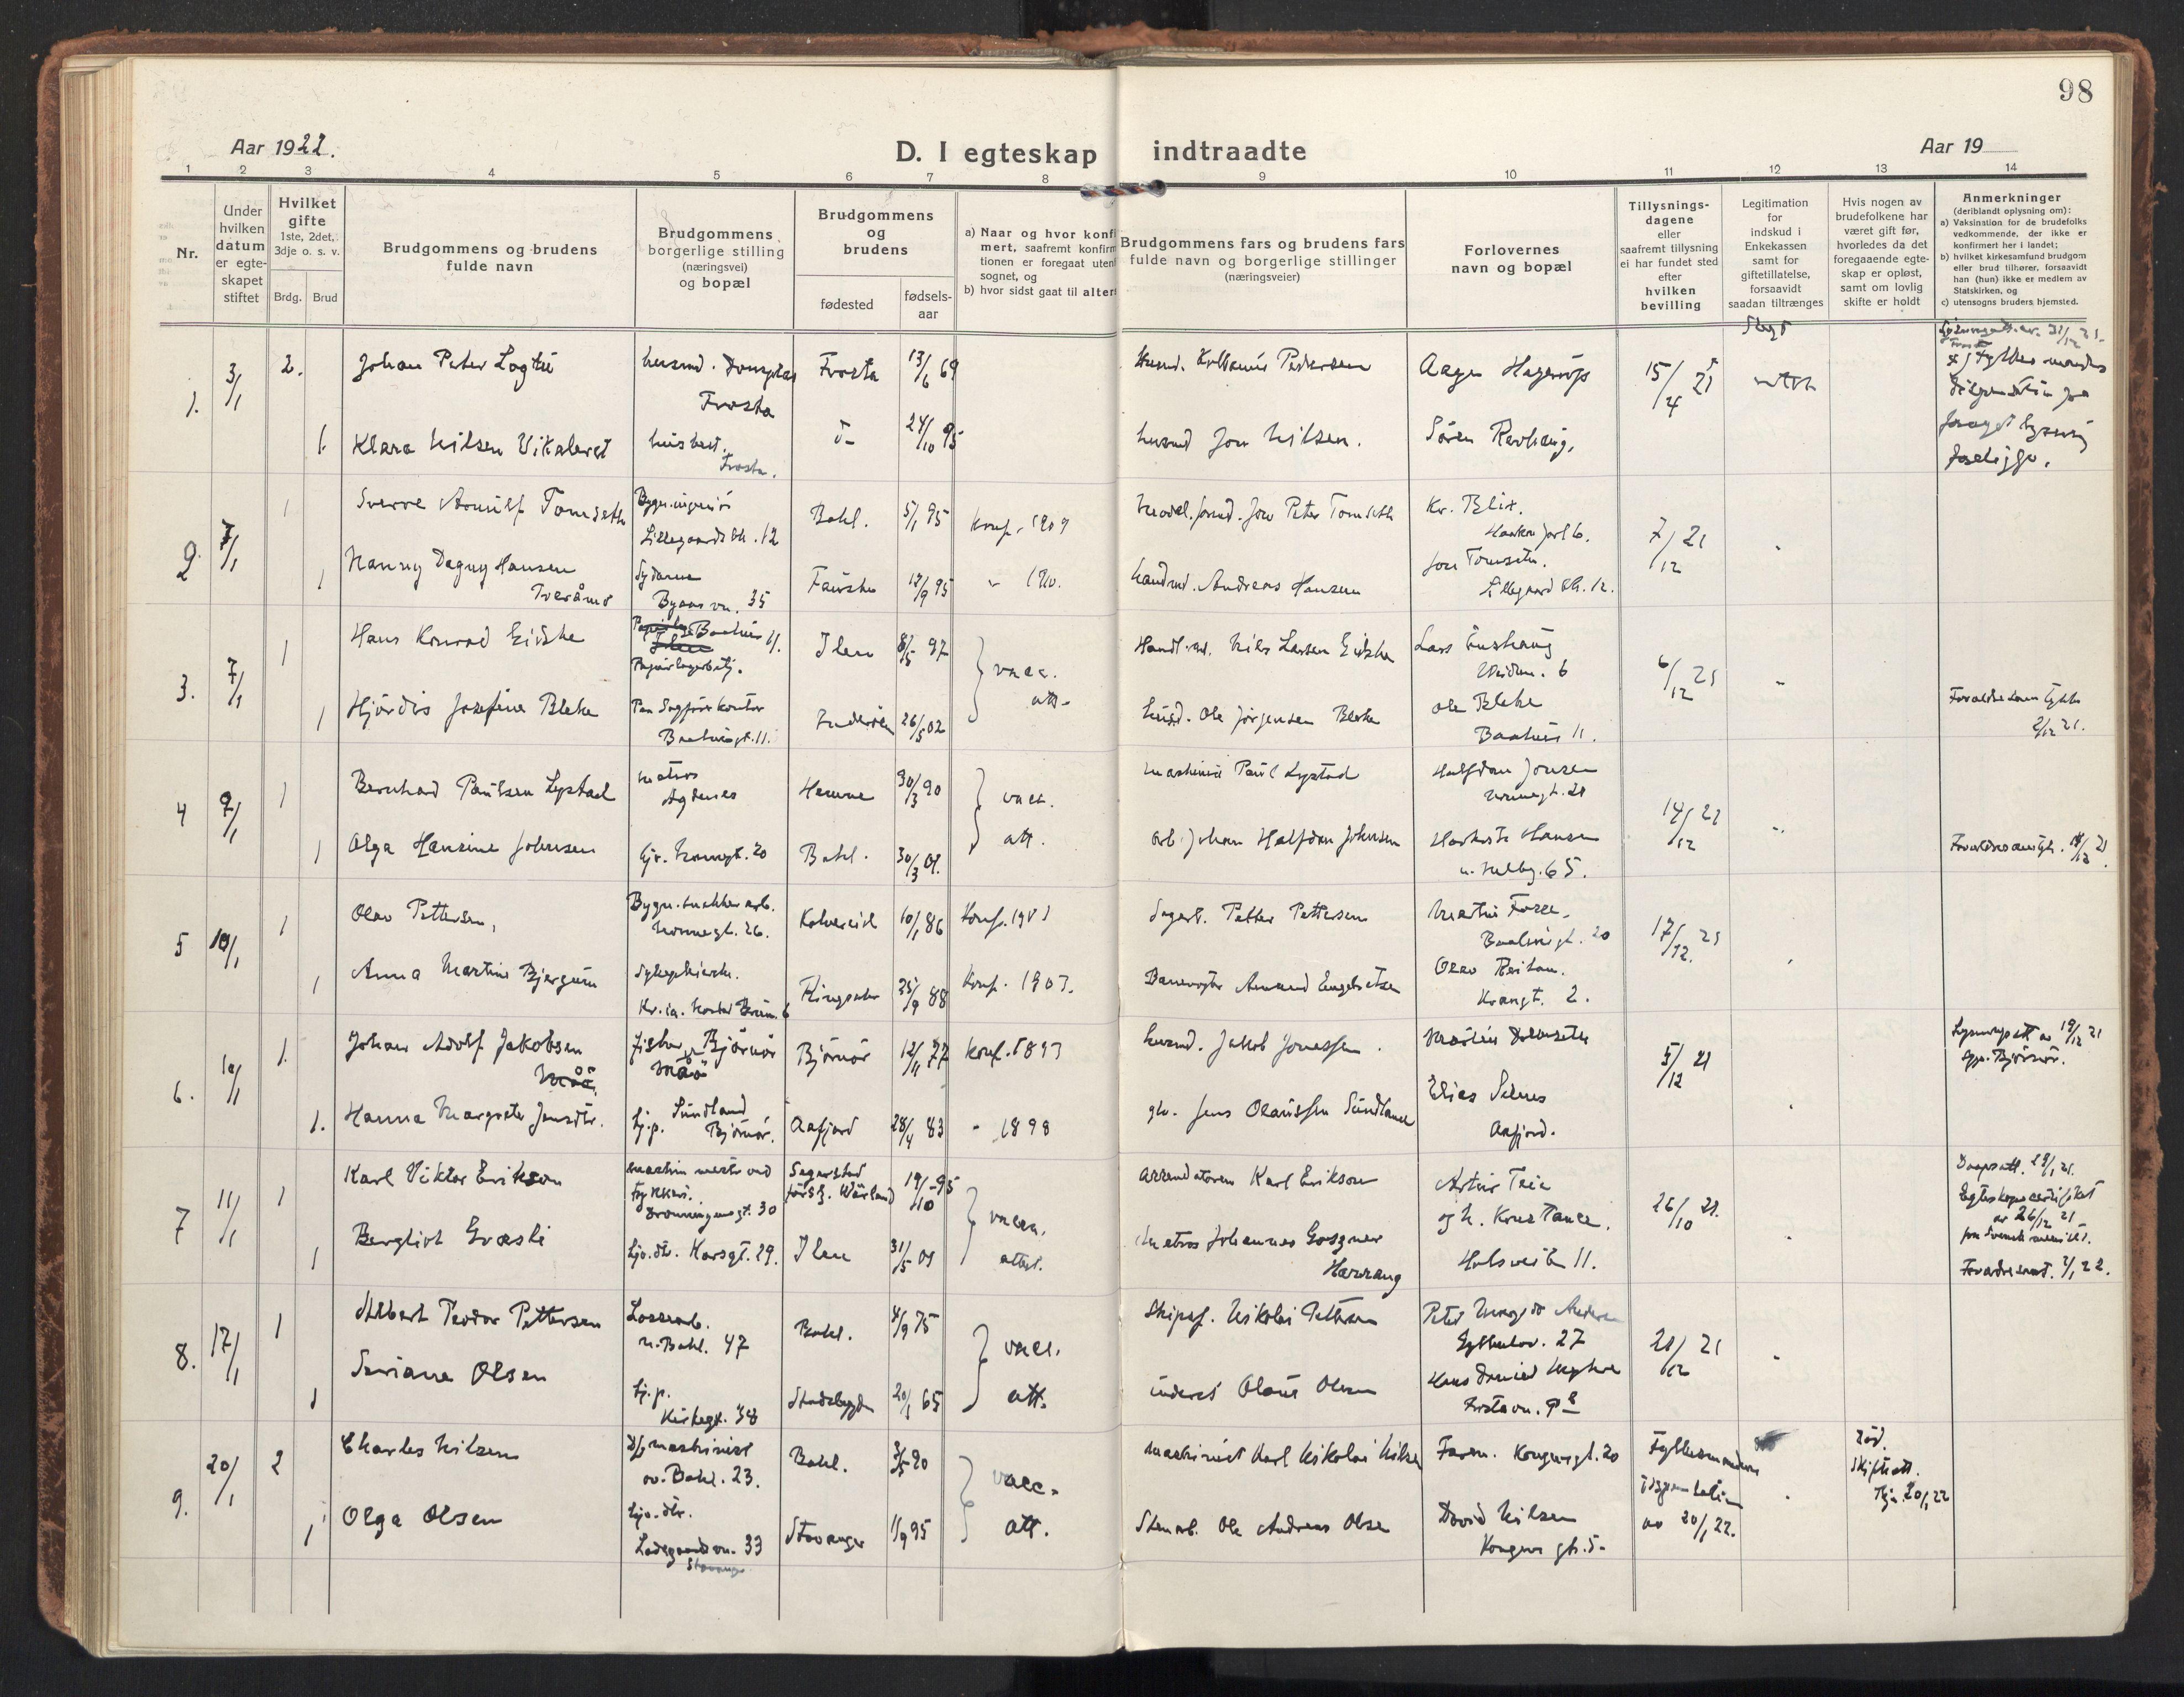 SAT, Ministerialprotokoller, klokkerbøker og fødselsregistre - Sør-Trøndelag, 604/L0206: Ministerialbok nr. 604A26, 1917-1931, s. 98